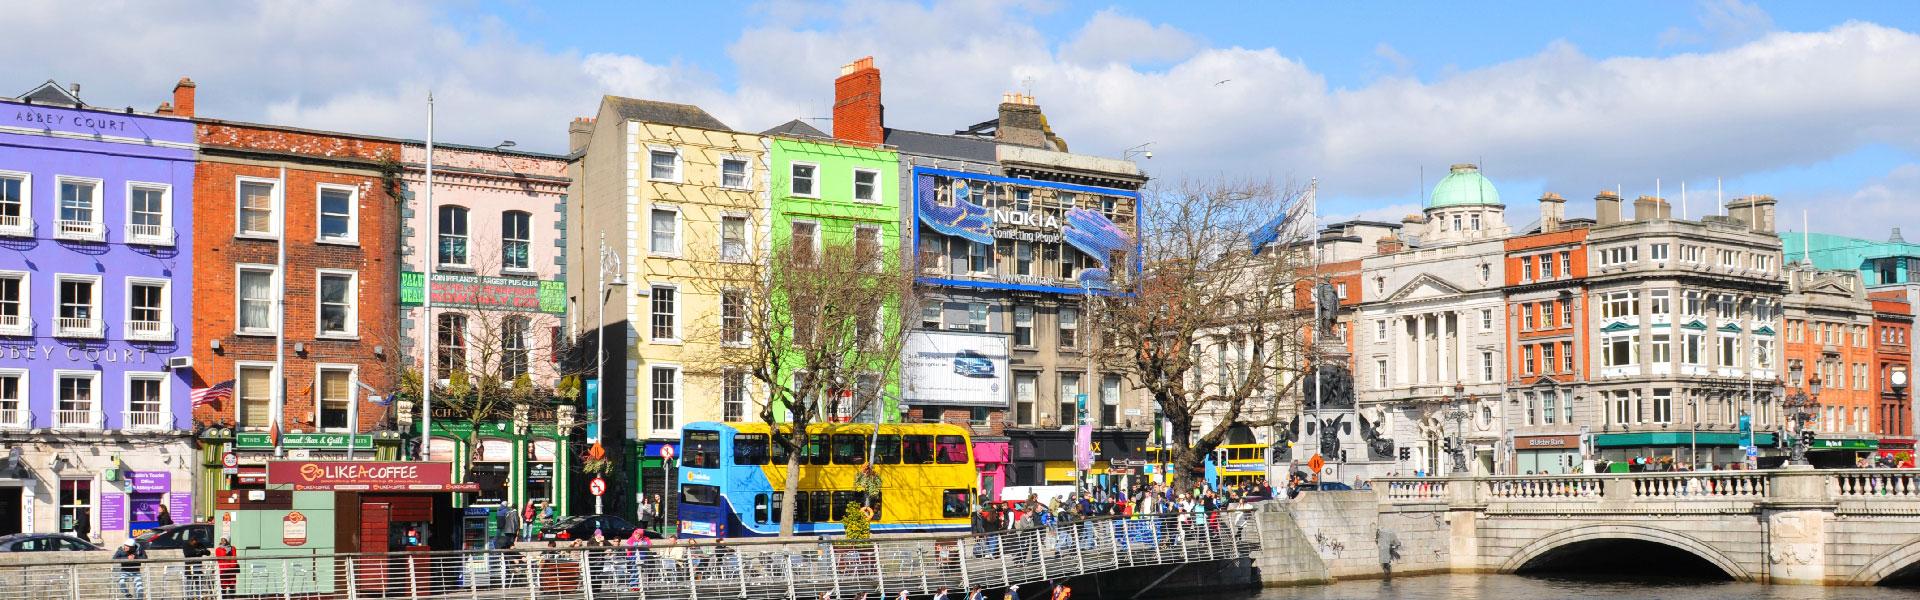 Dublin in the sun